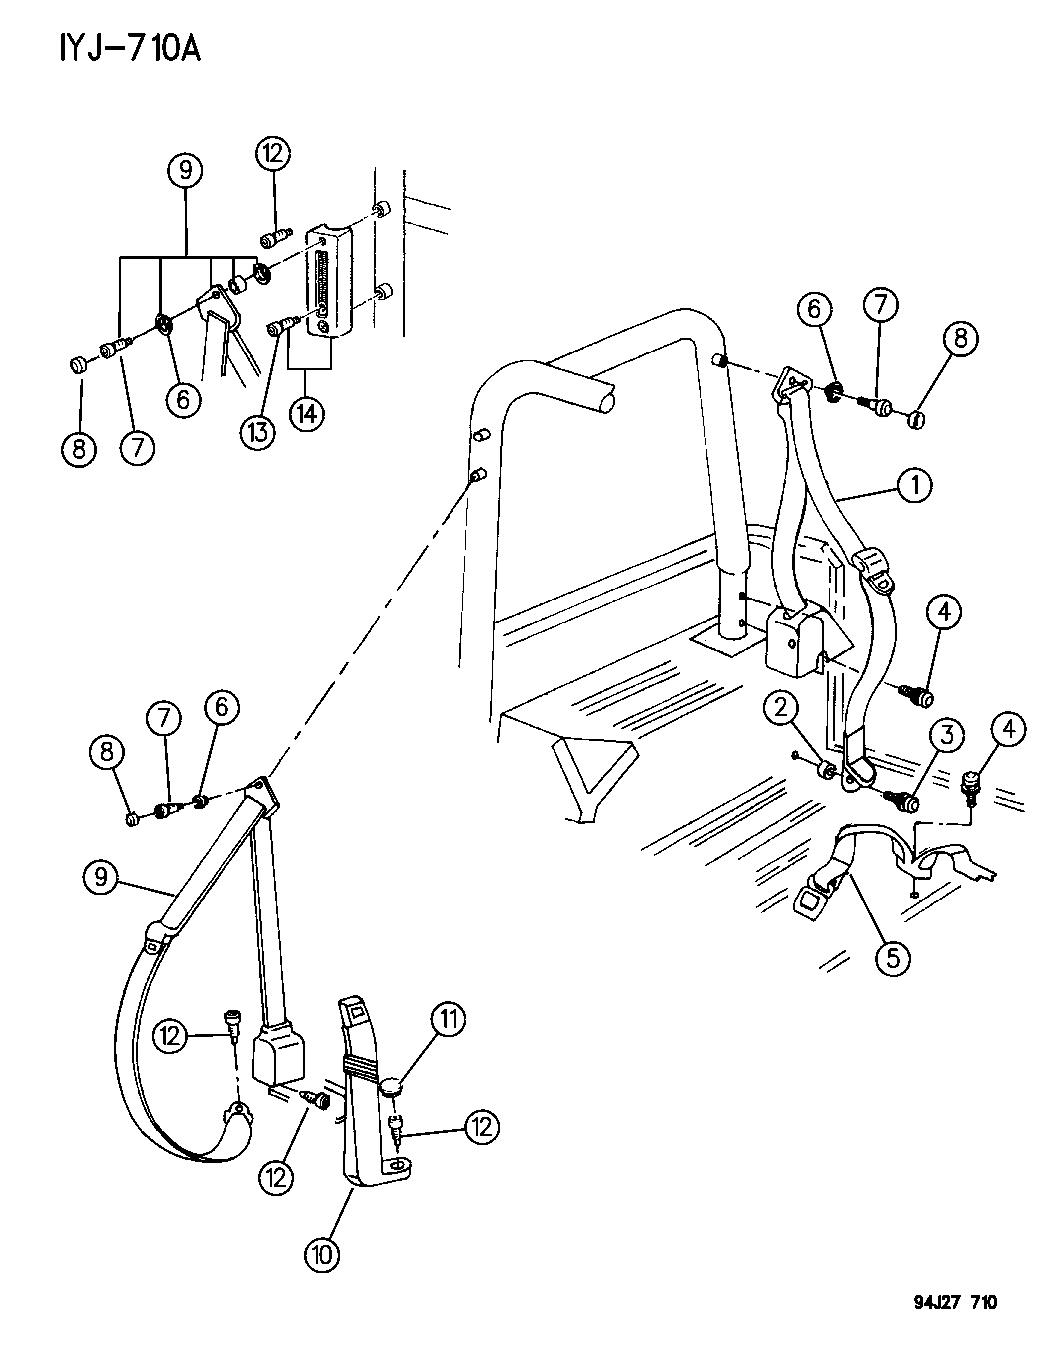 1994 Jeep Wrangler Seat Belts - Mopar Parts Giant